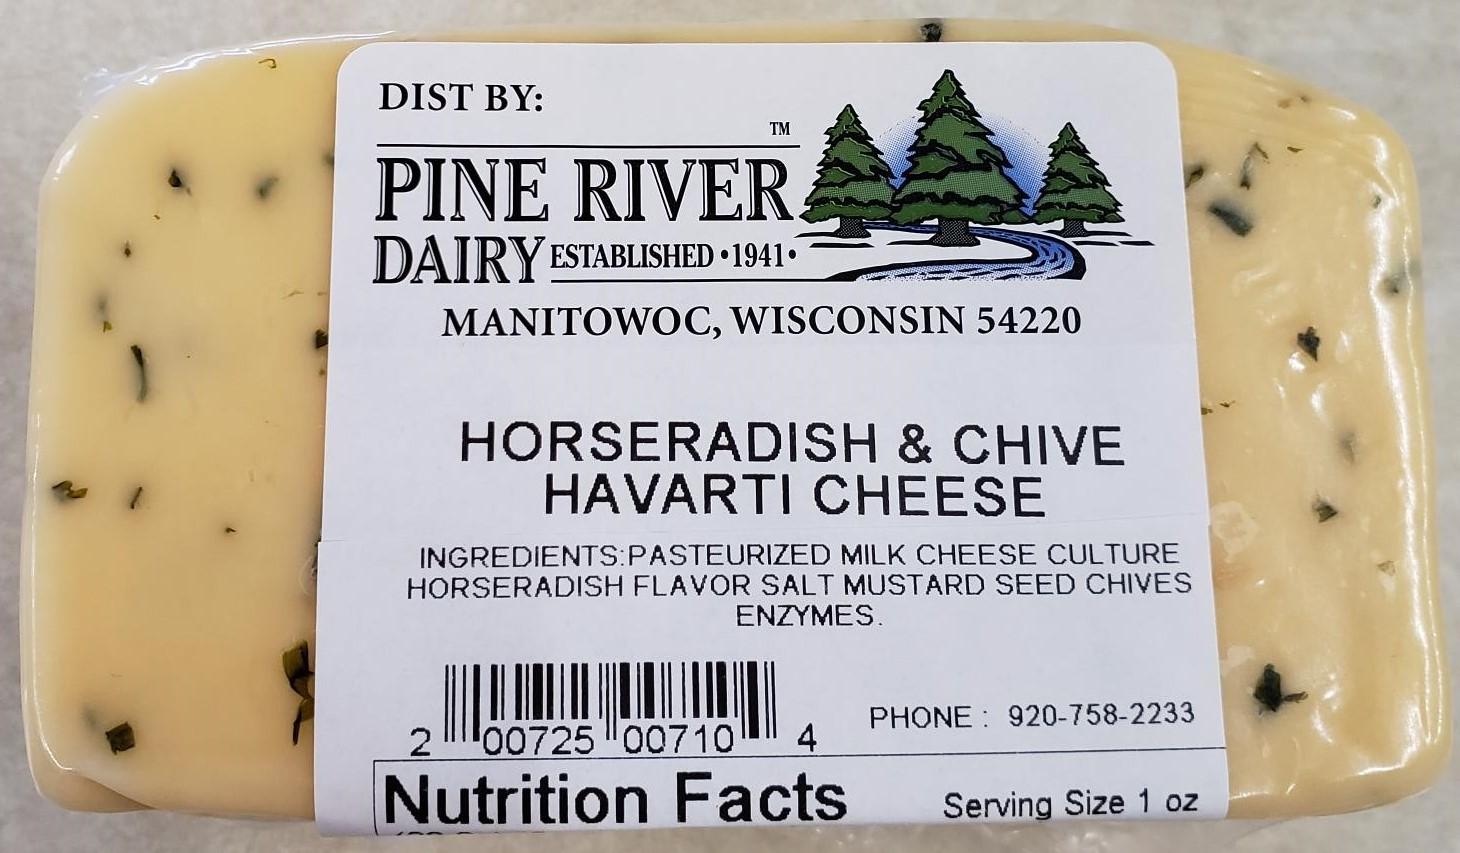 Horseradish & Chive Havarti